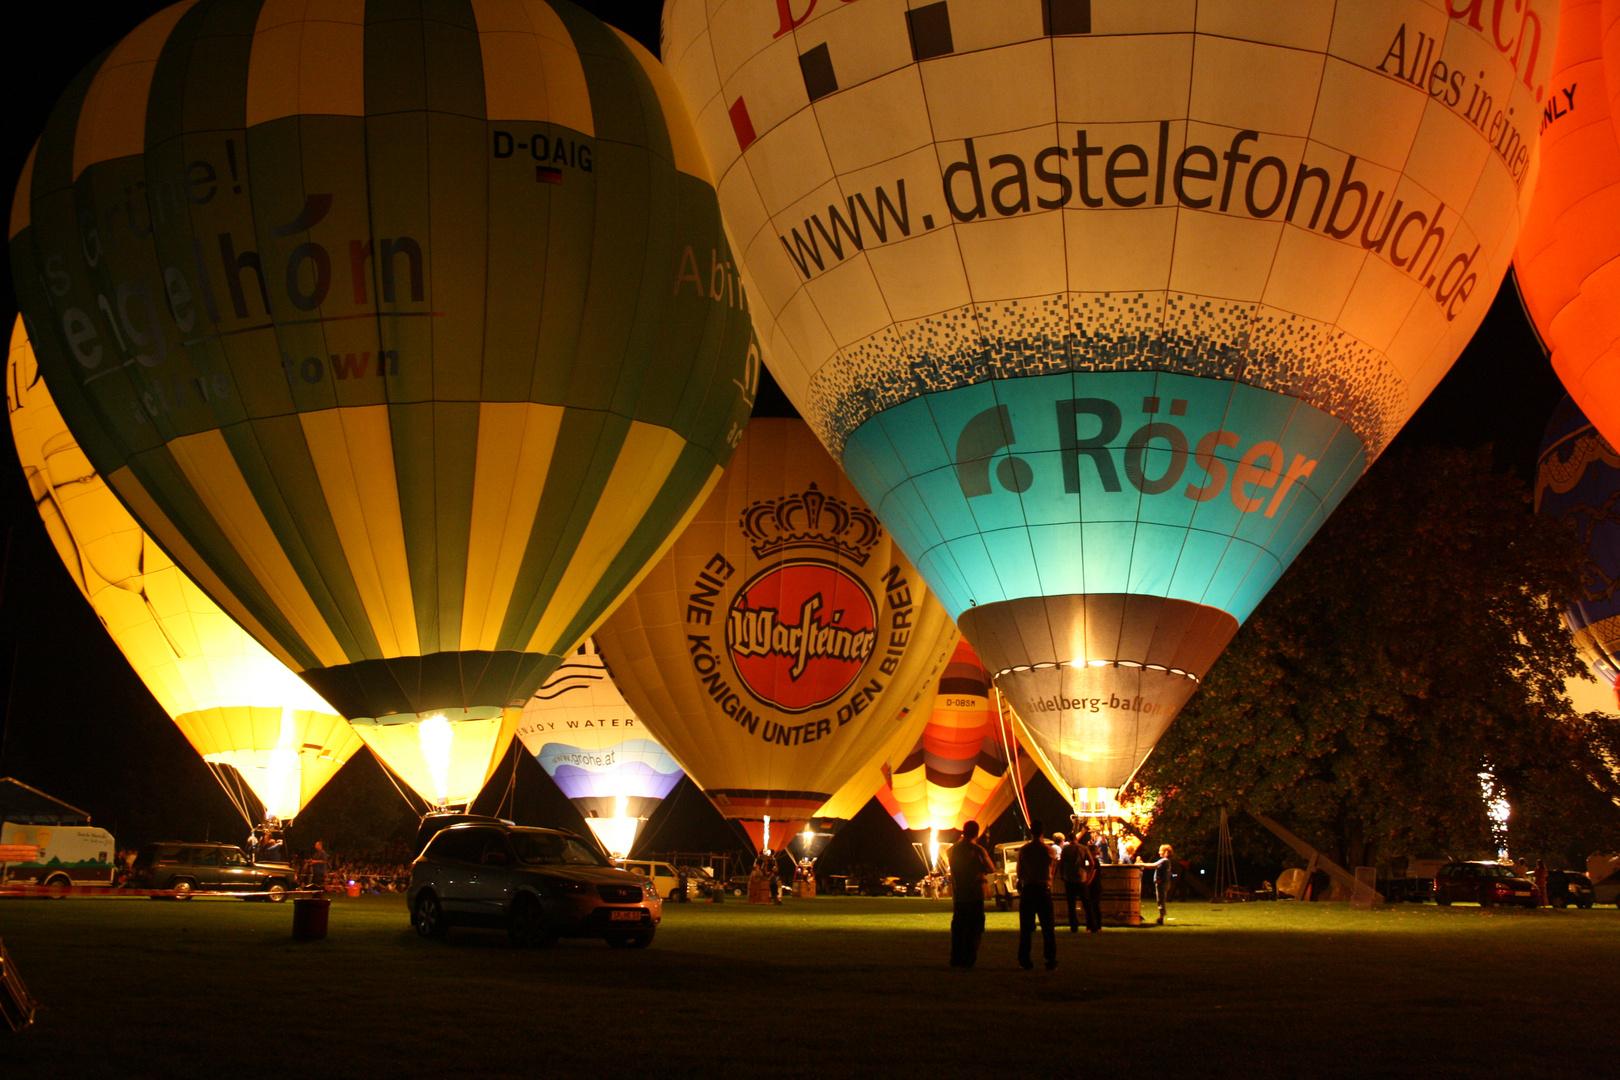 7. Internationales Röser-Ballonfestival